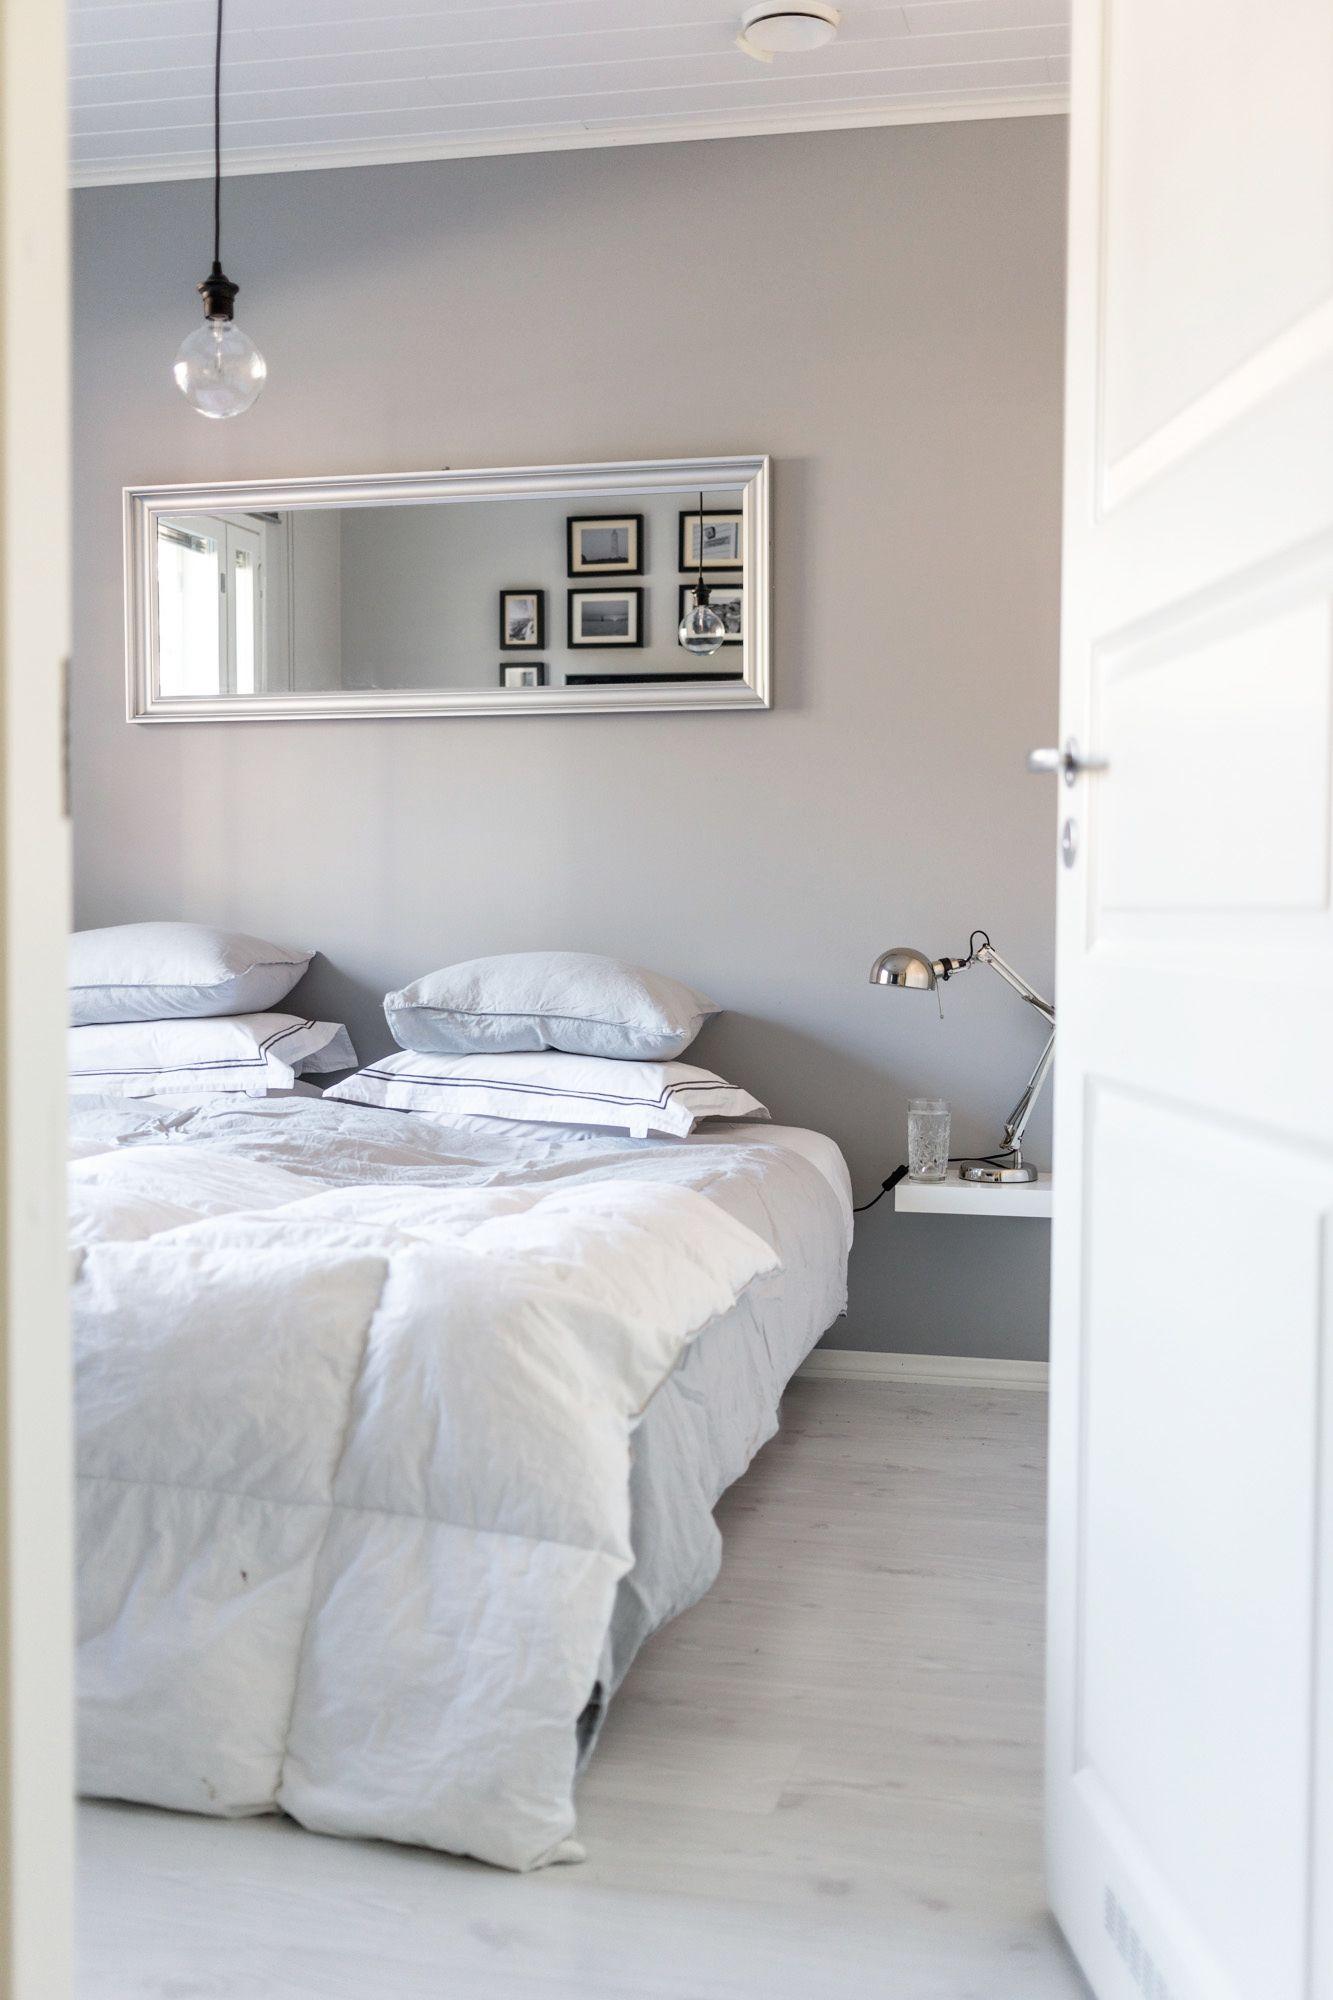 Bedroom / Linen bedding / Minimalism / White / Noora&Noora nooraandnoora.com